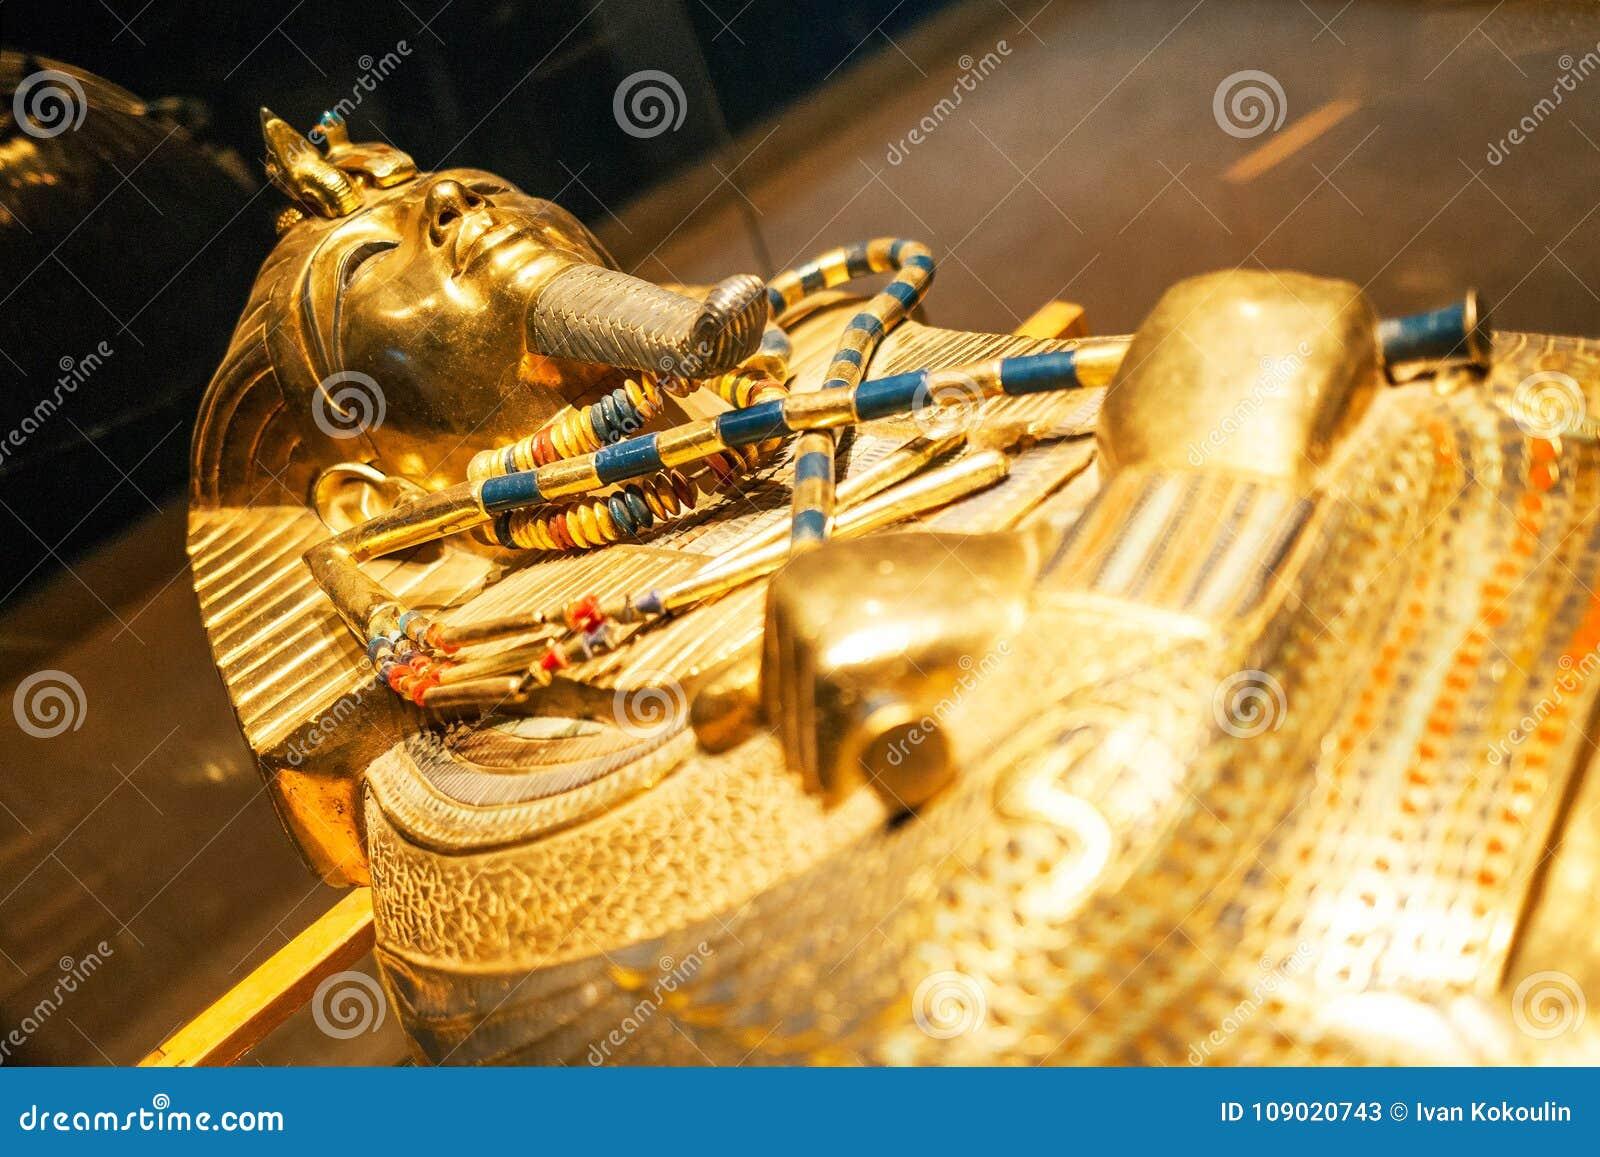 Αρχική χρυσή μάσκα του pharaoh στο μουσείο